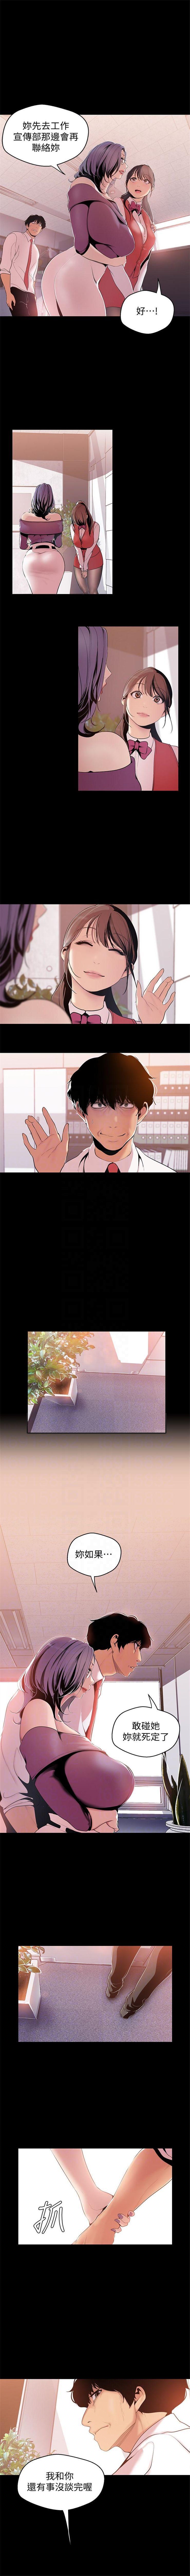 (週1)美麗新世界 1-76 中文翻譯 (更新中) 398